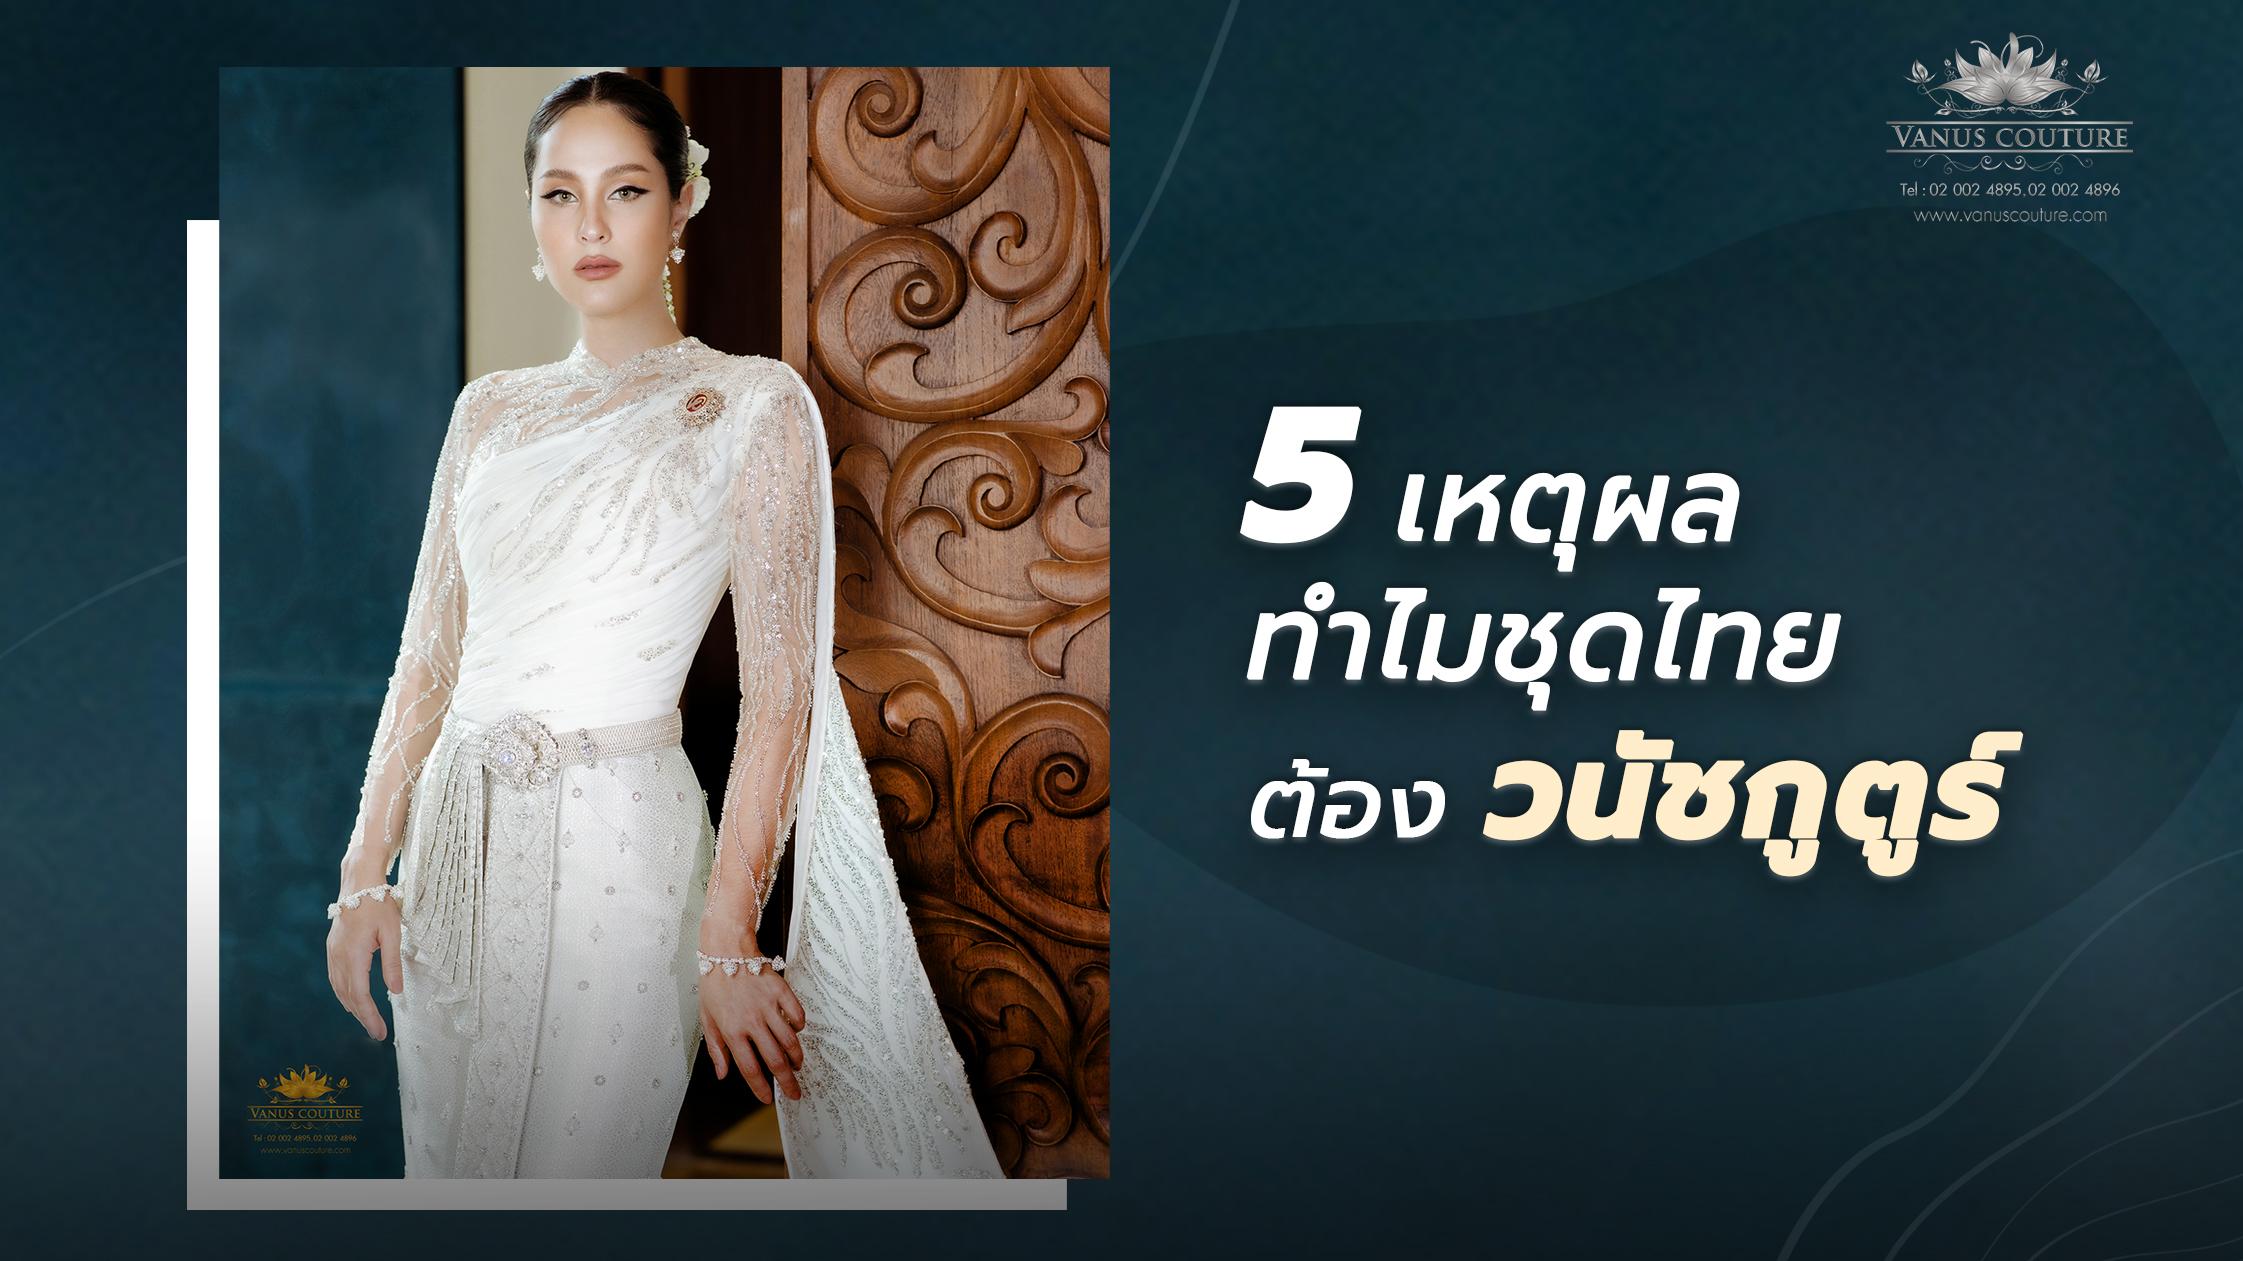 5 เหตุผลทำไมชุดไทยต้องวนัชกูตูร์